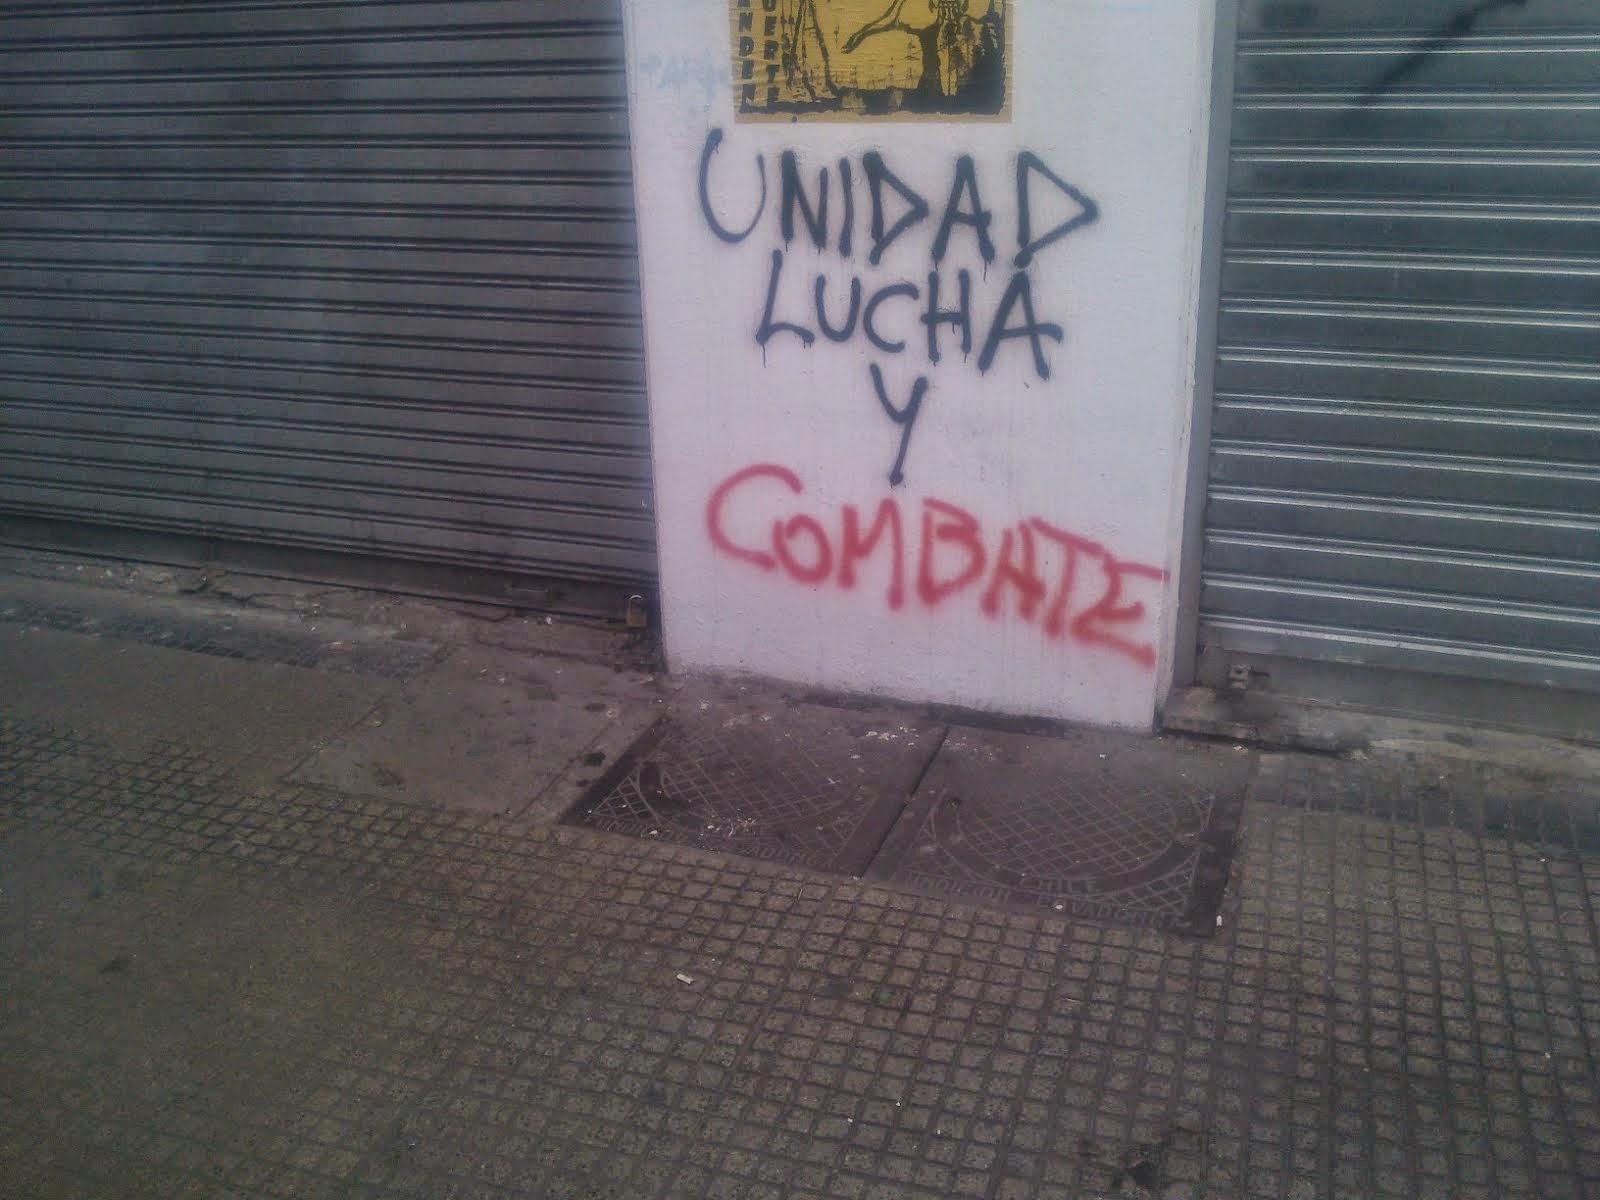 UNIDAD, LUCHA Y COMBATE!!